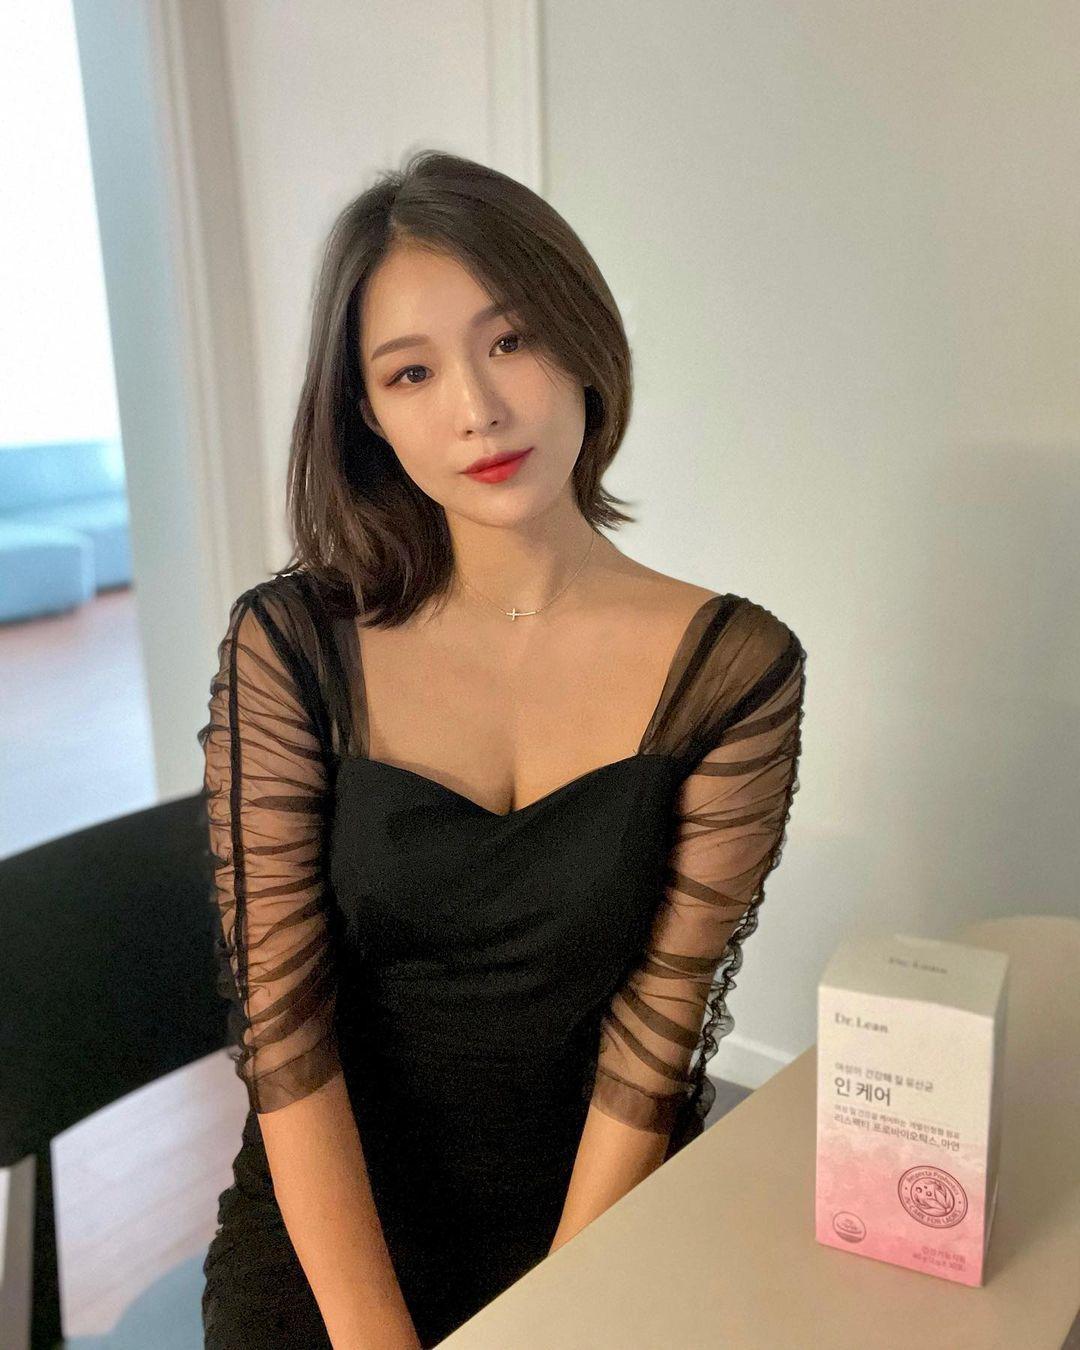 韩国高尔夫正妹Becky 狂吸 33 万粉丝好身材更让人心动 养眼图片 第11张